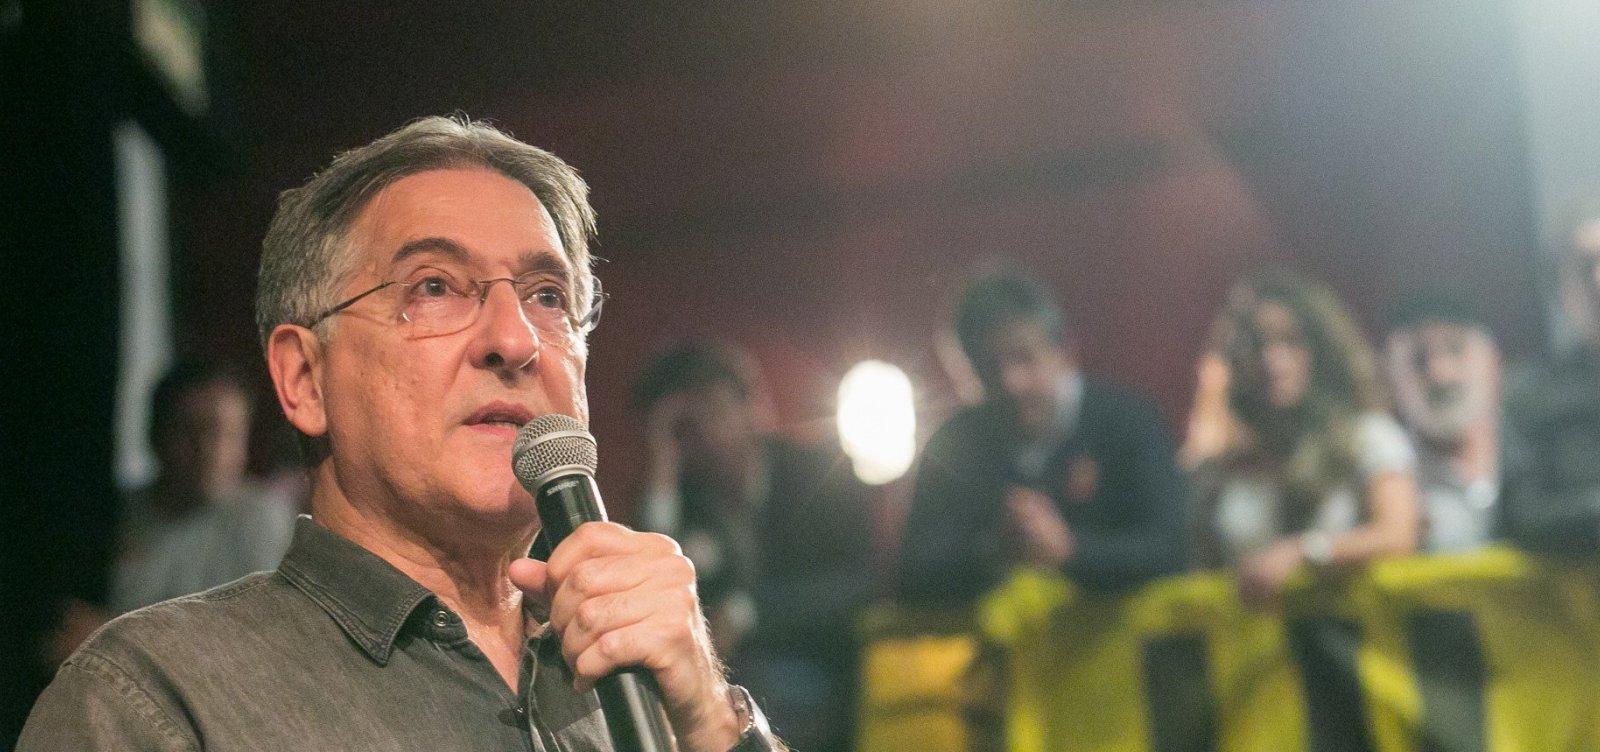 [Governador de Minas diz que Haddad assinará indulto para Lula no 1º dia de governo]